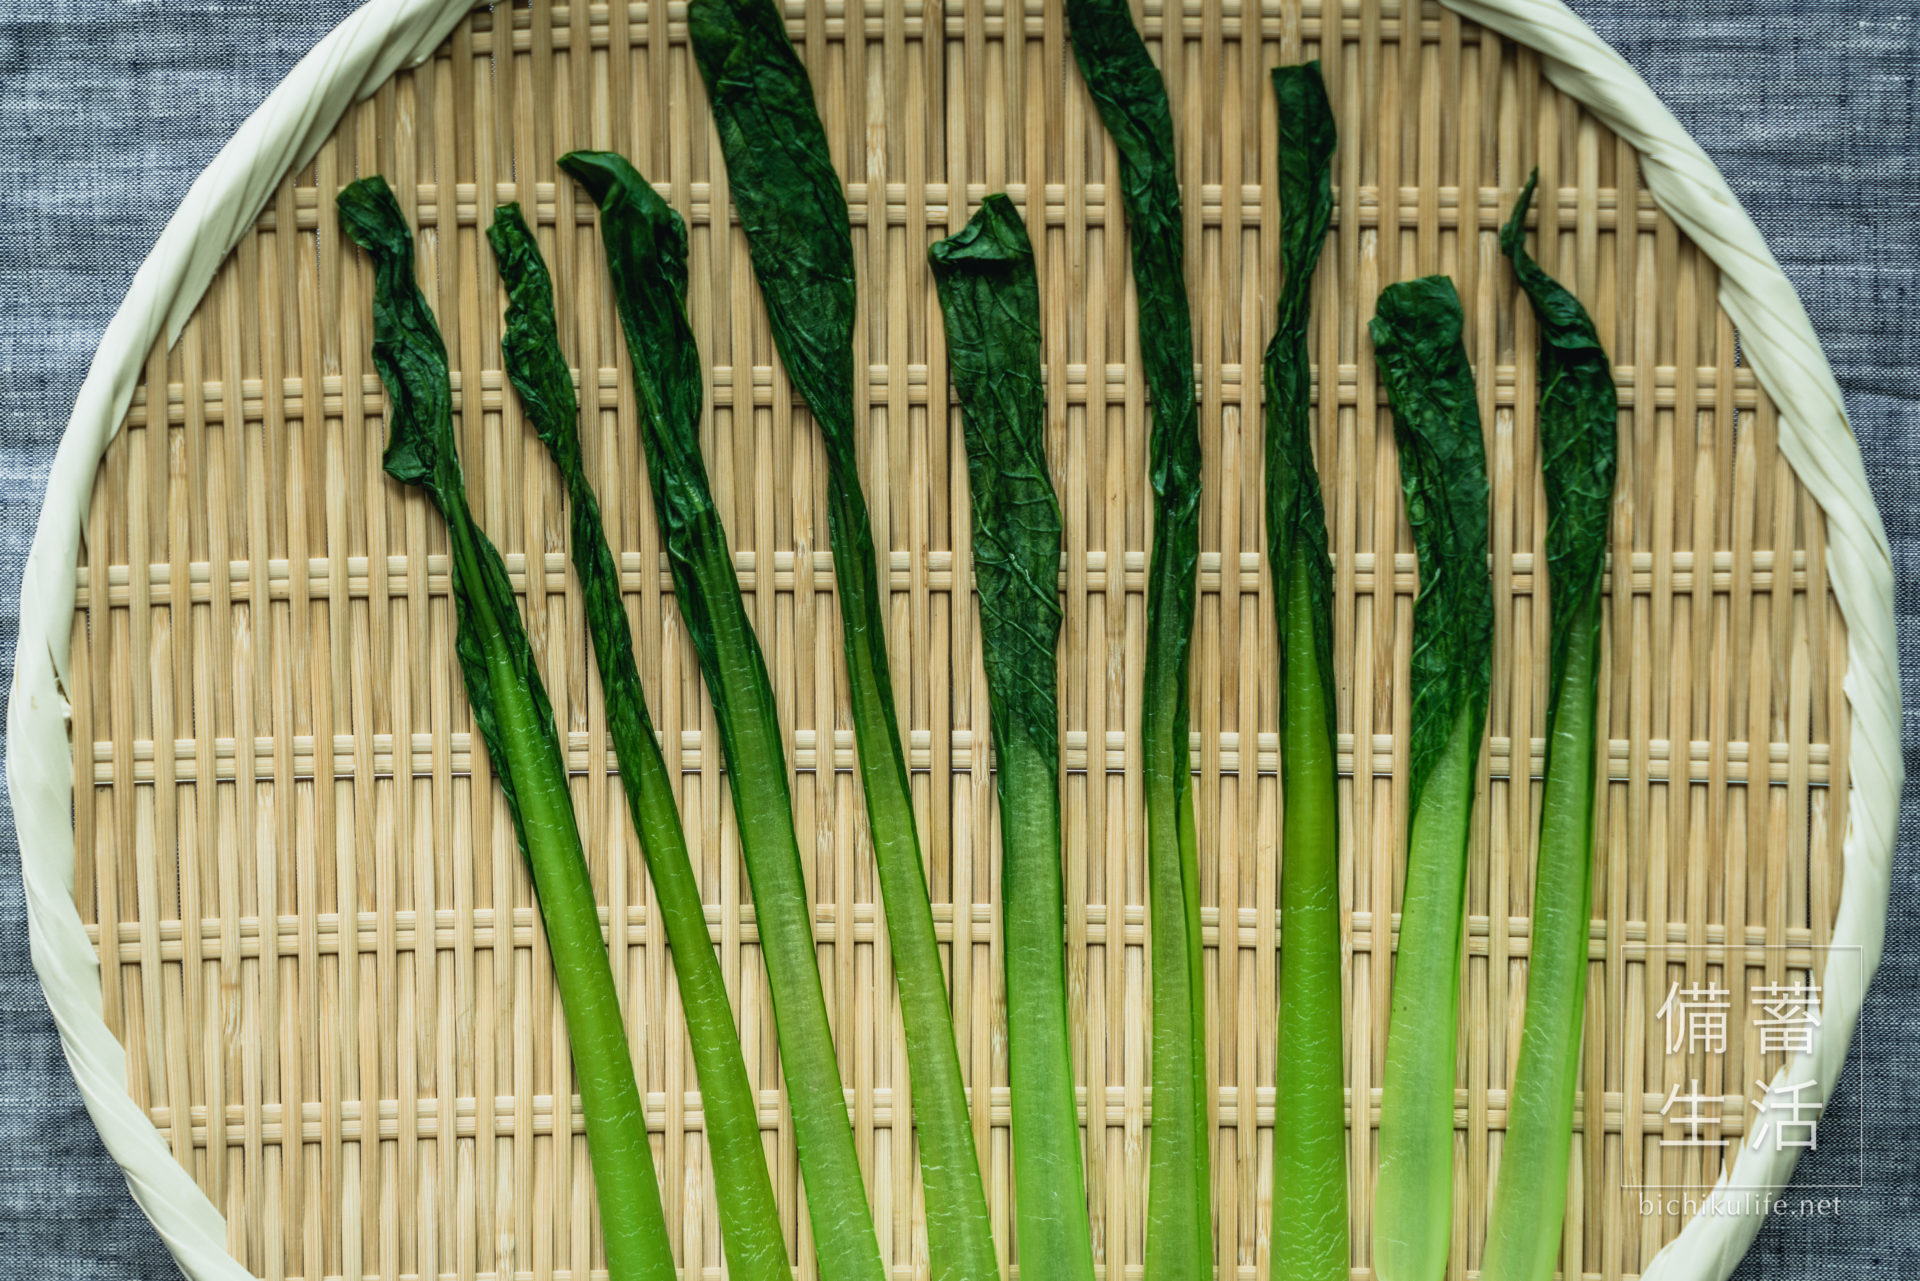 こまつな 干し野菜づくり|干し小松菜の作り方